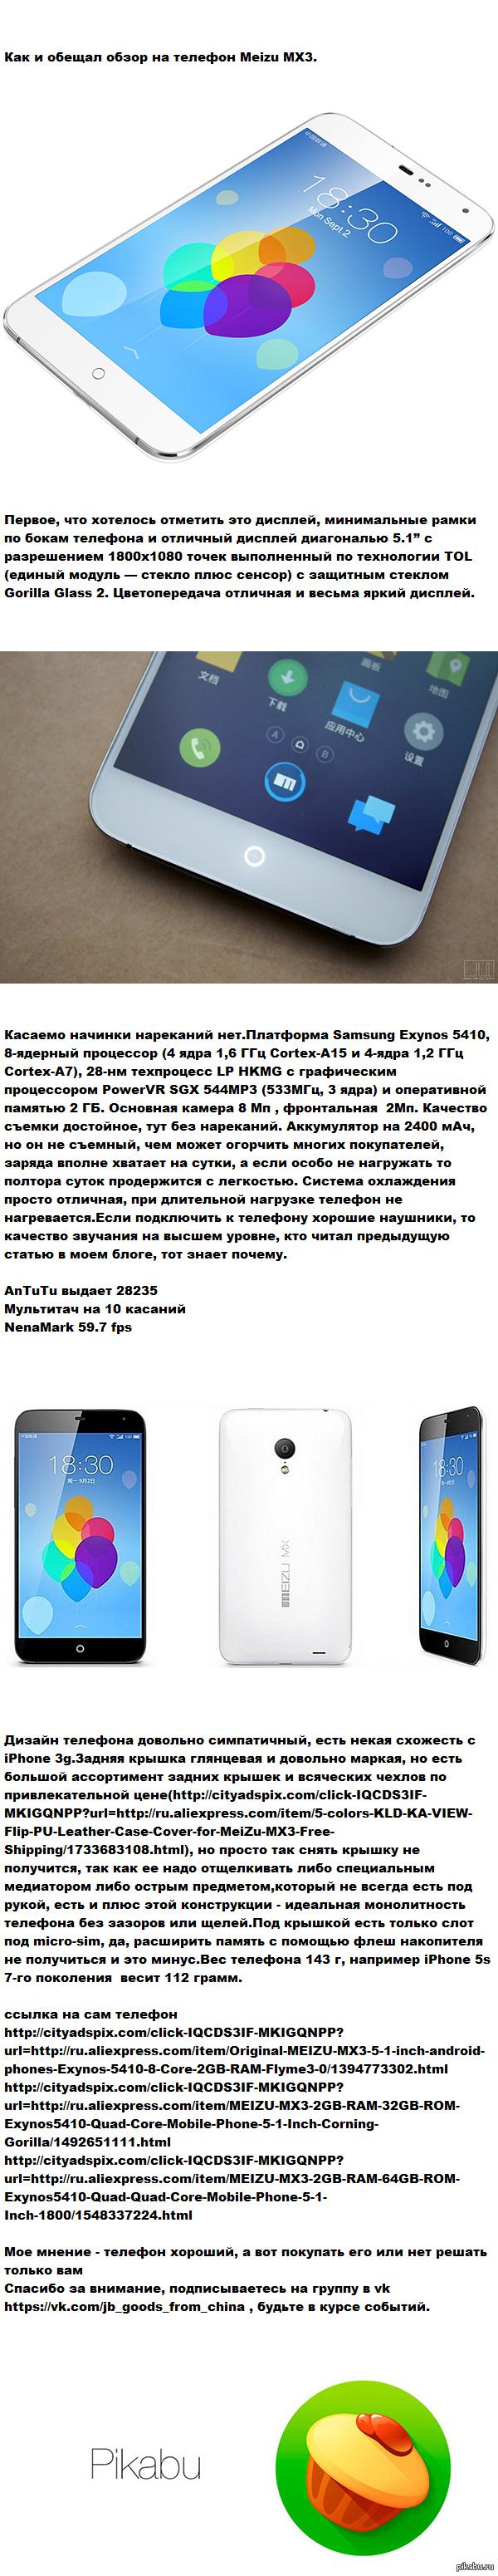 Обзор китайского телефона Meizu MX3